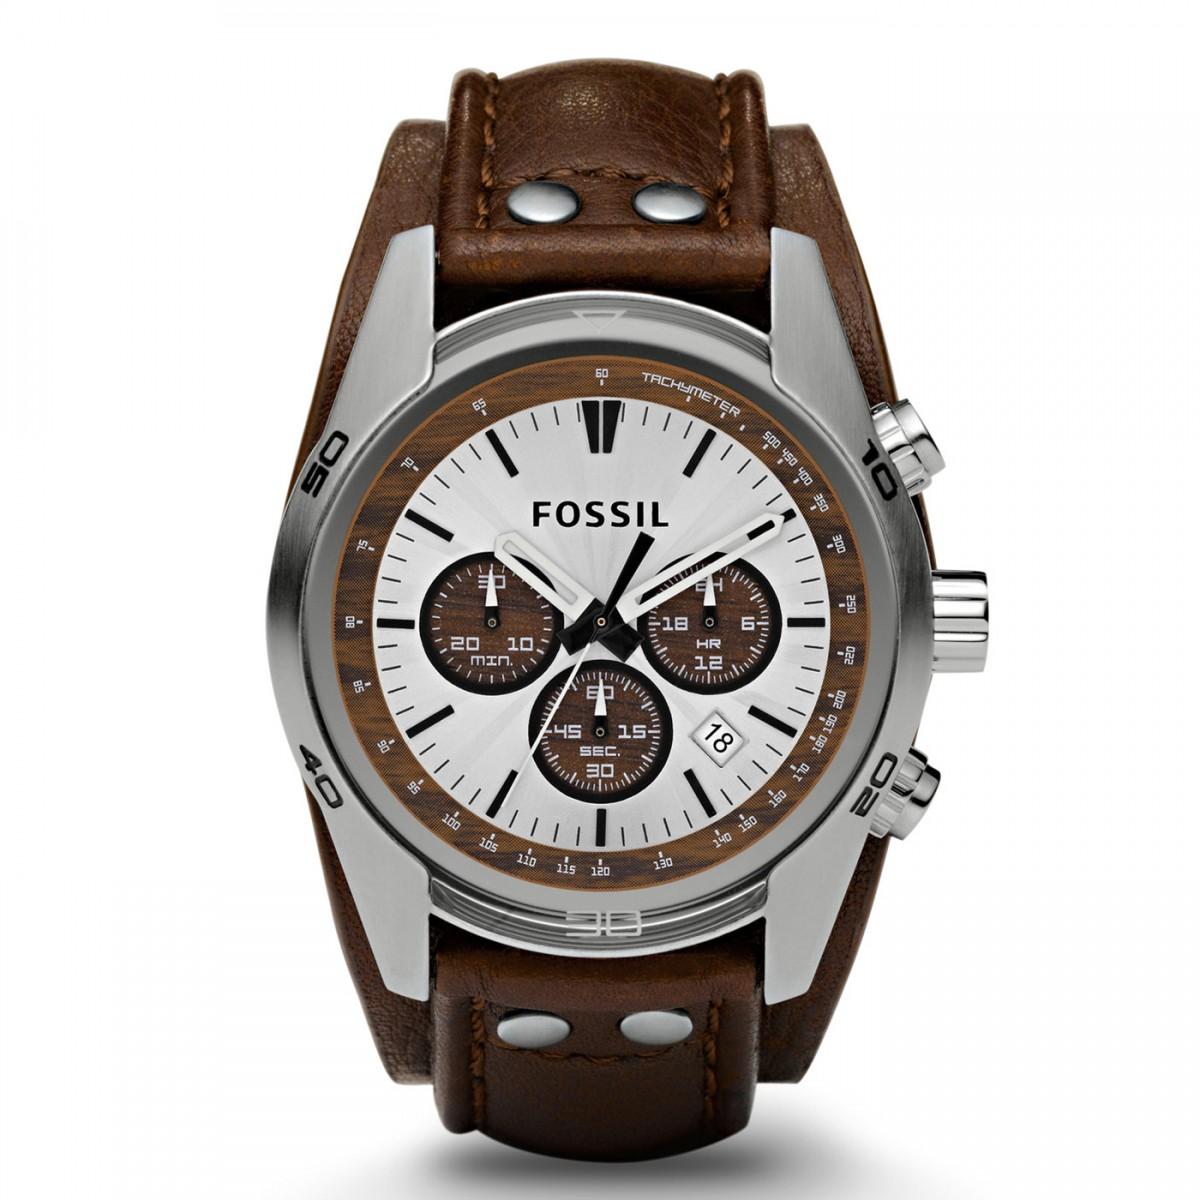 c6bff705a97 Compre Relógio Fossil Coachman em 10X